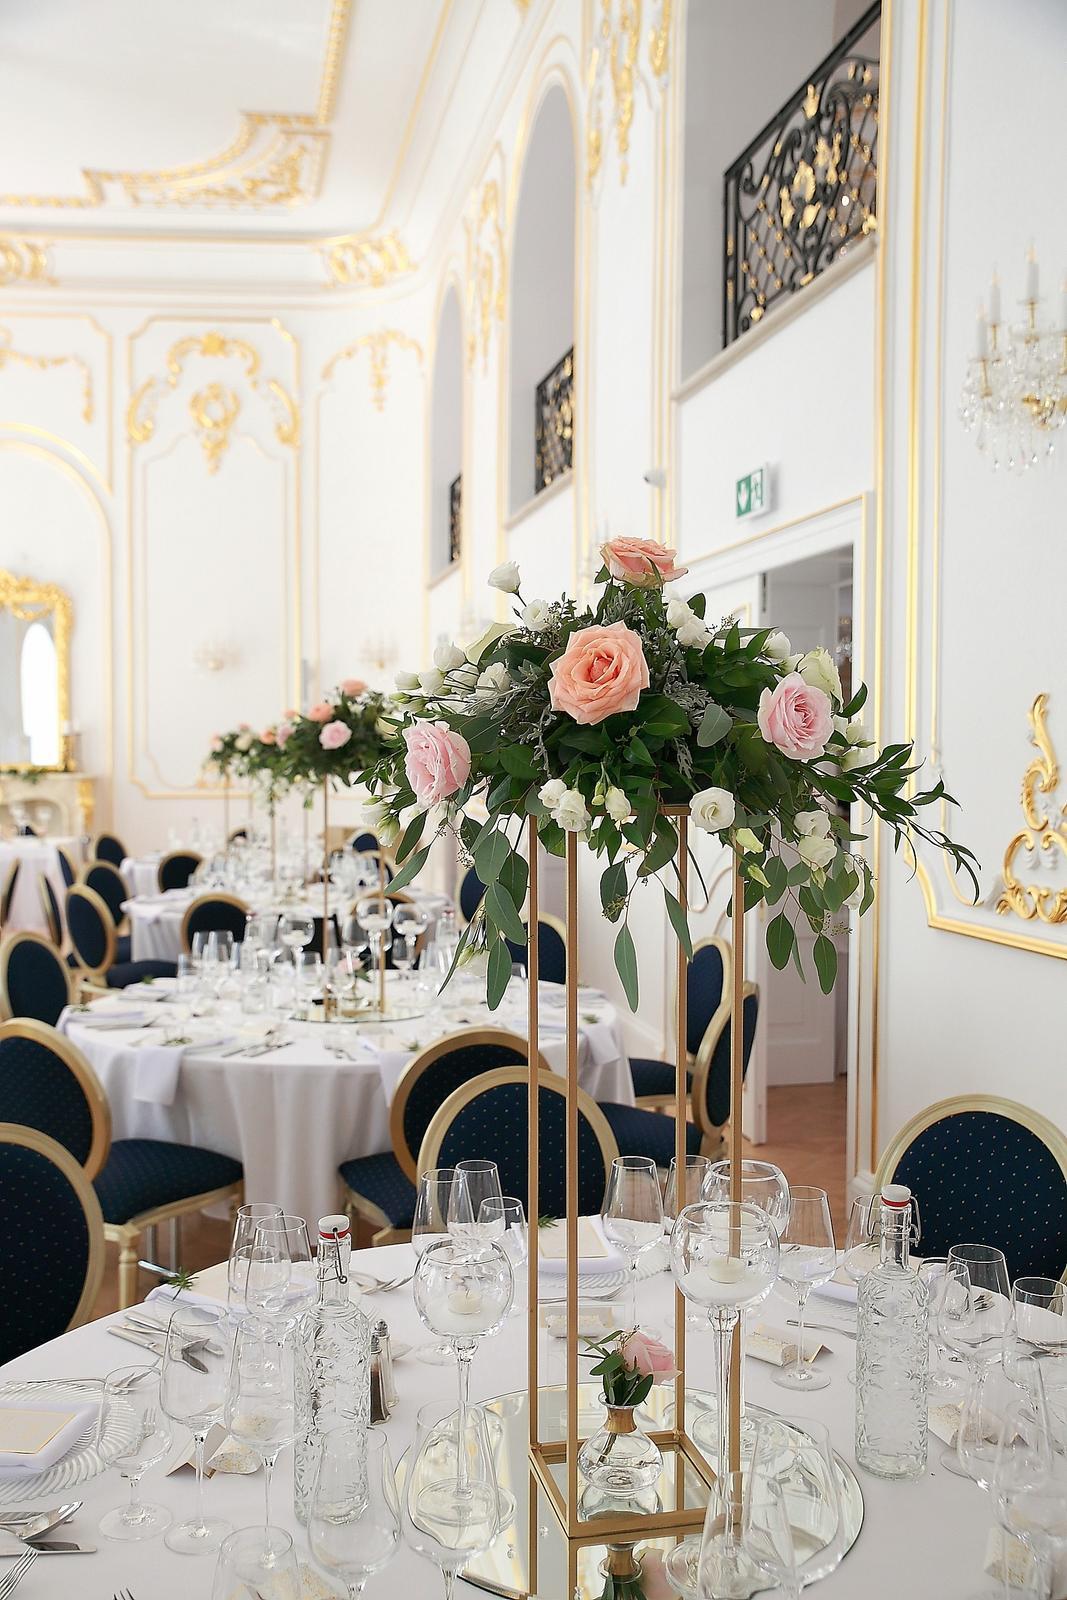 Svadobné dekorácie - požičovňa svadobných dekor. - Obrázok č. 16